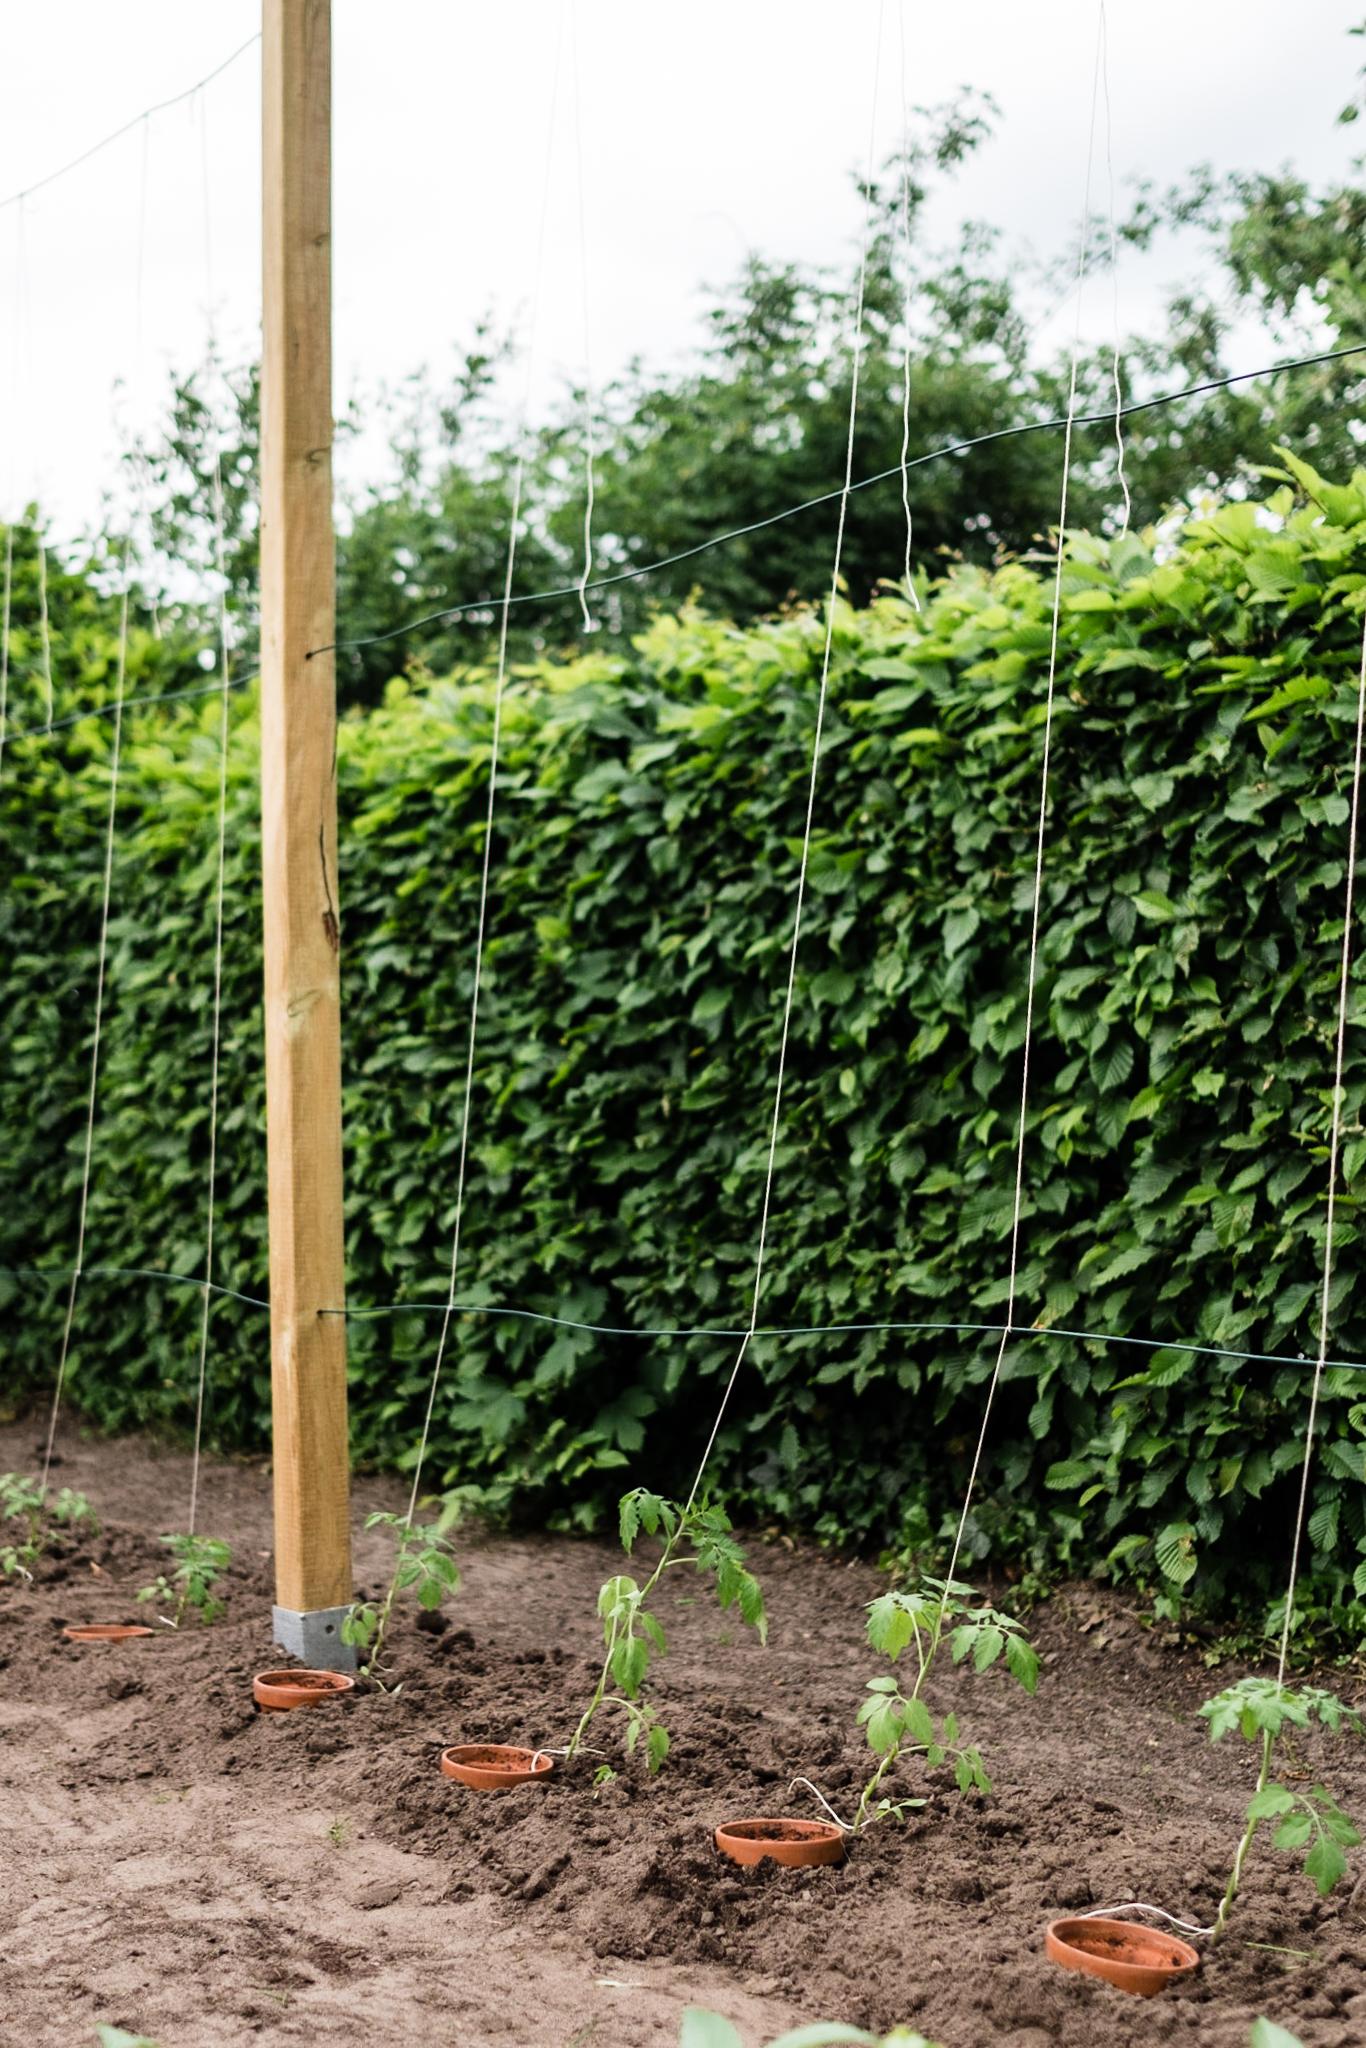 Tomaten Rankhilfe Selber Bauen : tomaten vermehren pflegen ernten teil 5 auspflanzen und rankhilfe diy osmers garten ~ A.2002-acura-tl-radio.info Haus und Dekorationen